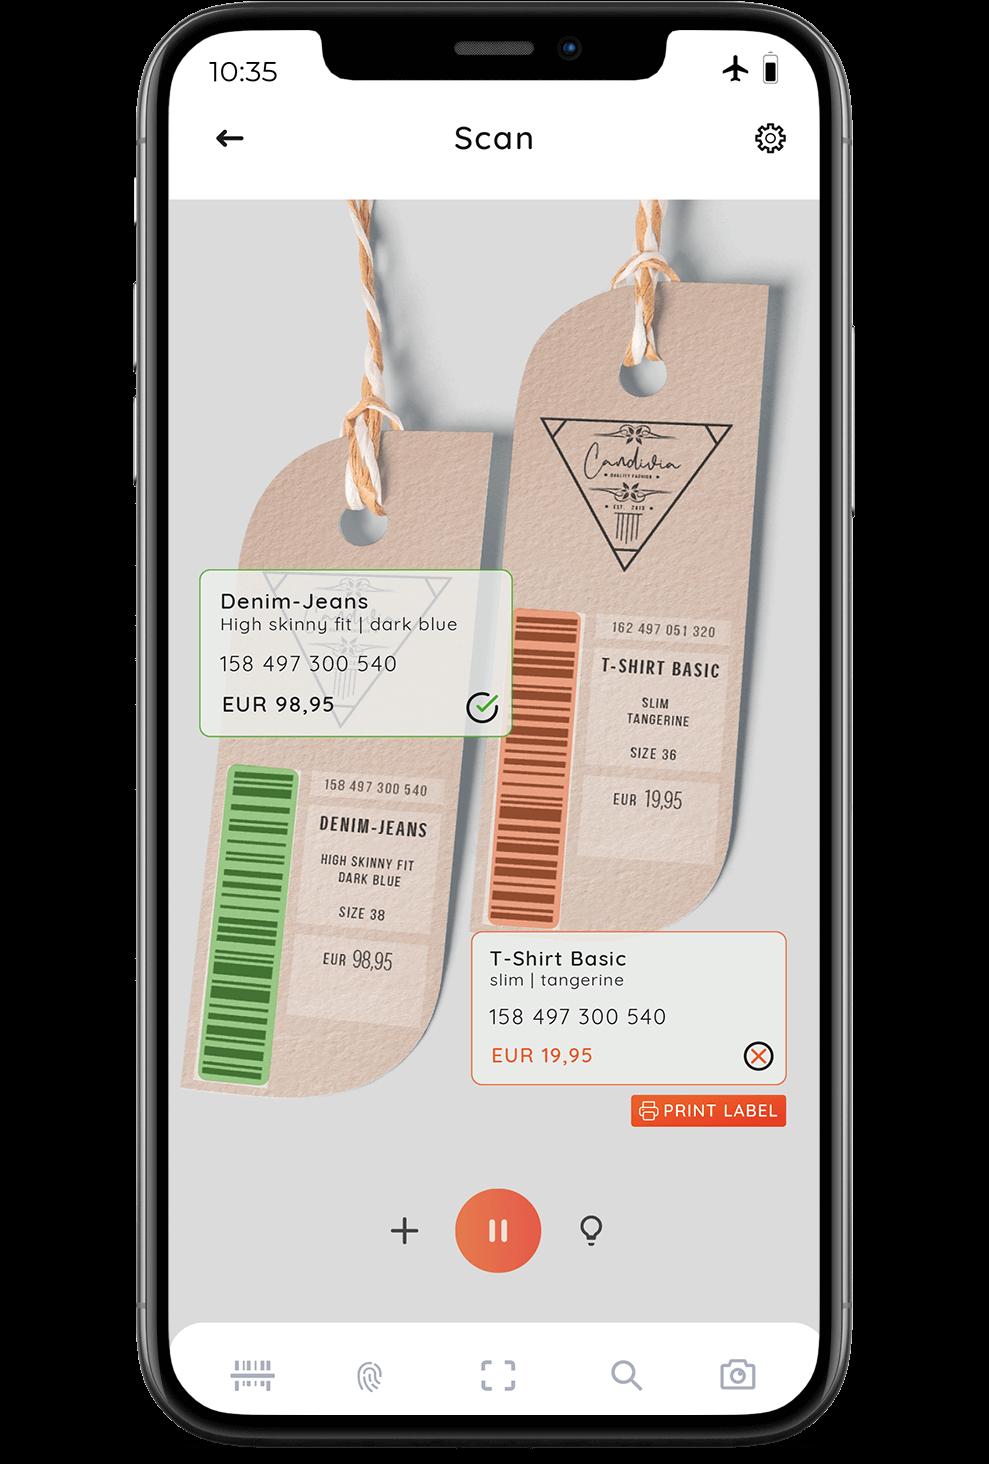 CaptureID - Barcode Scanning SDK Demo App